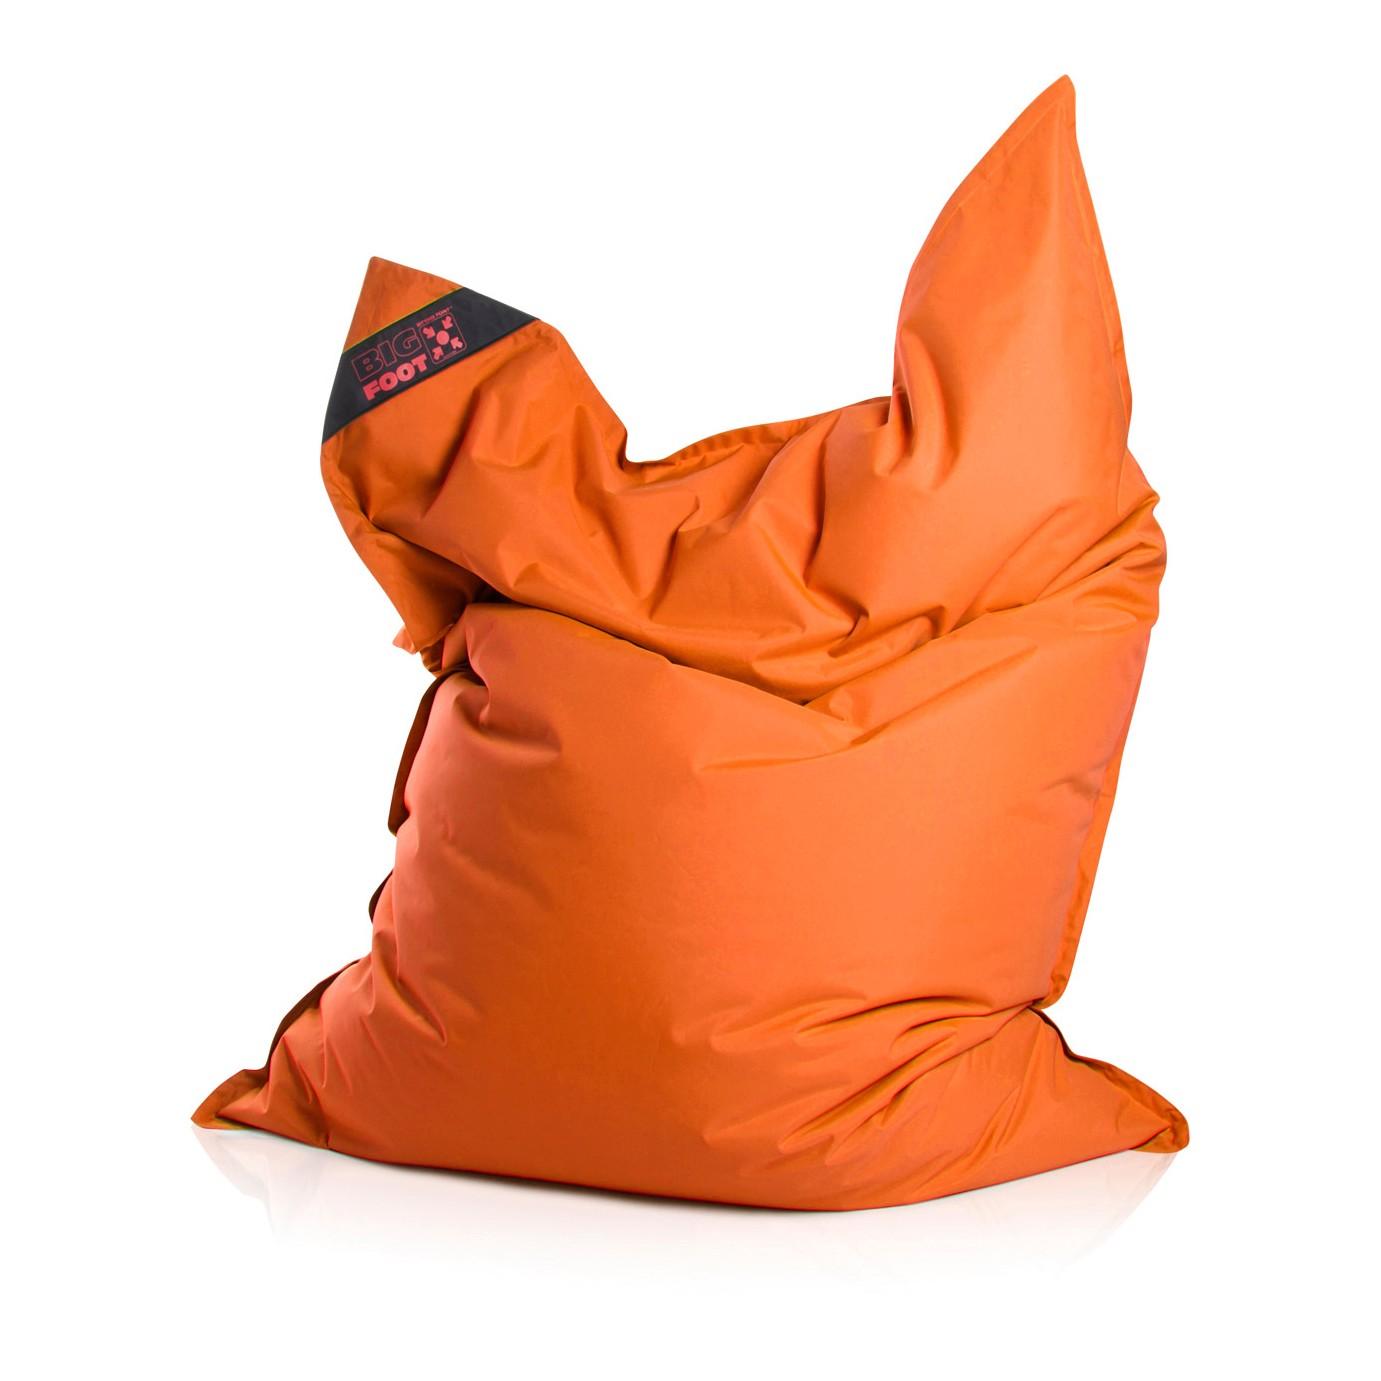 Sitzsack Big Foot – Orange, Fredriks jetzt kaufen